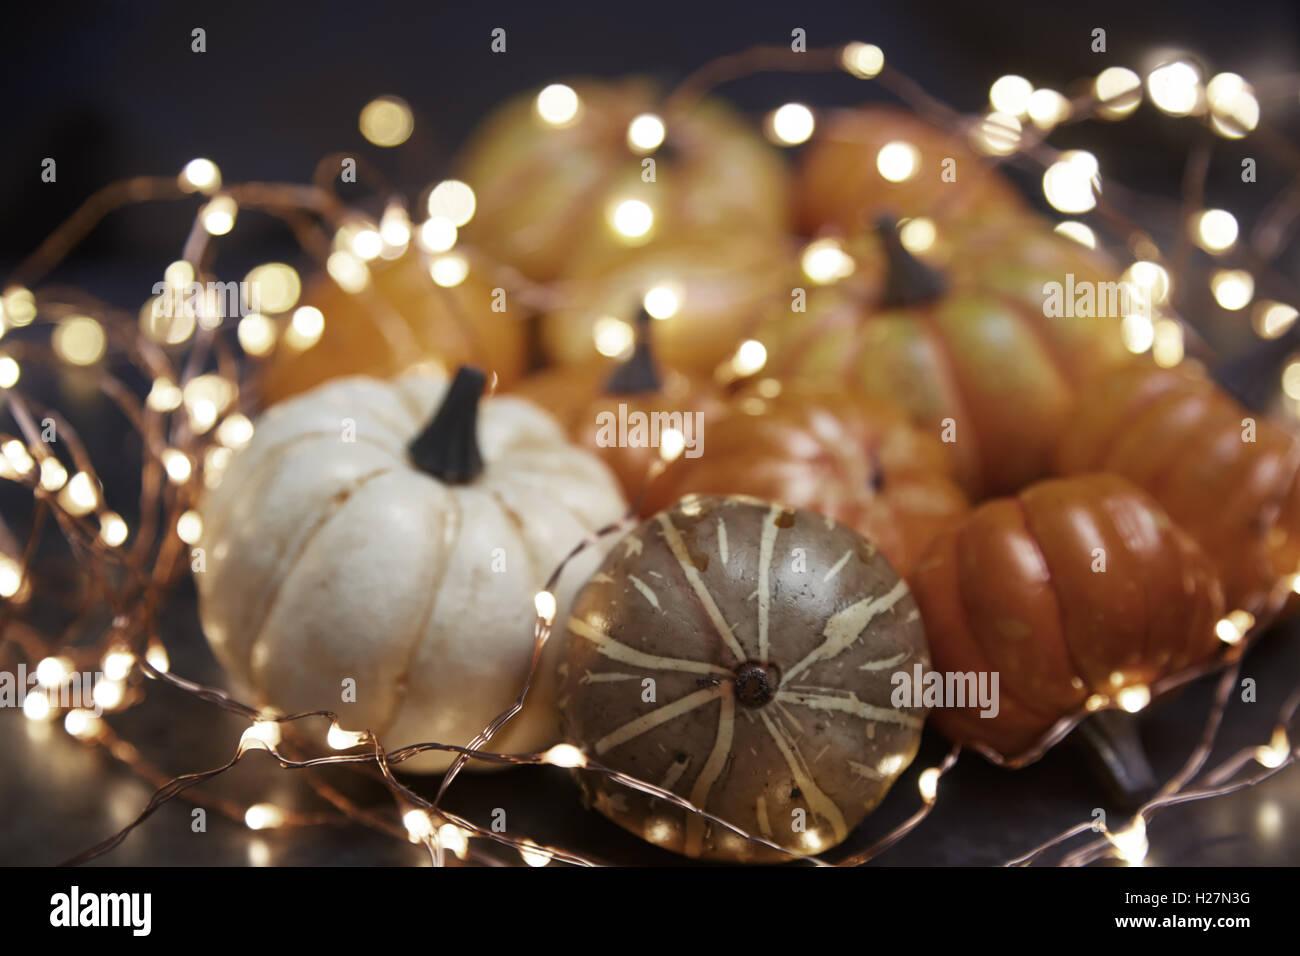 Halloween-Kürbisse mit elektrischer Beleuchtung Stockbild